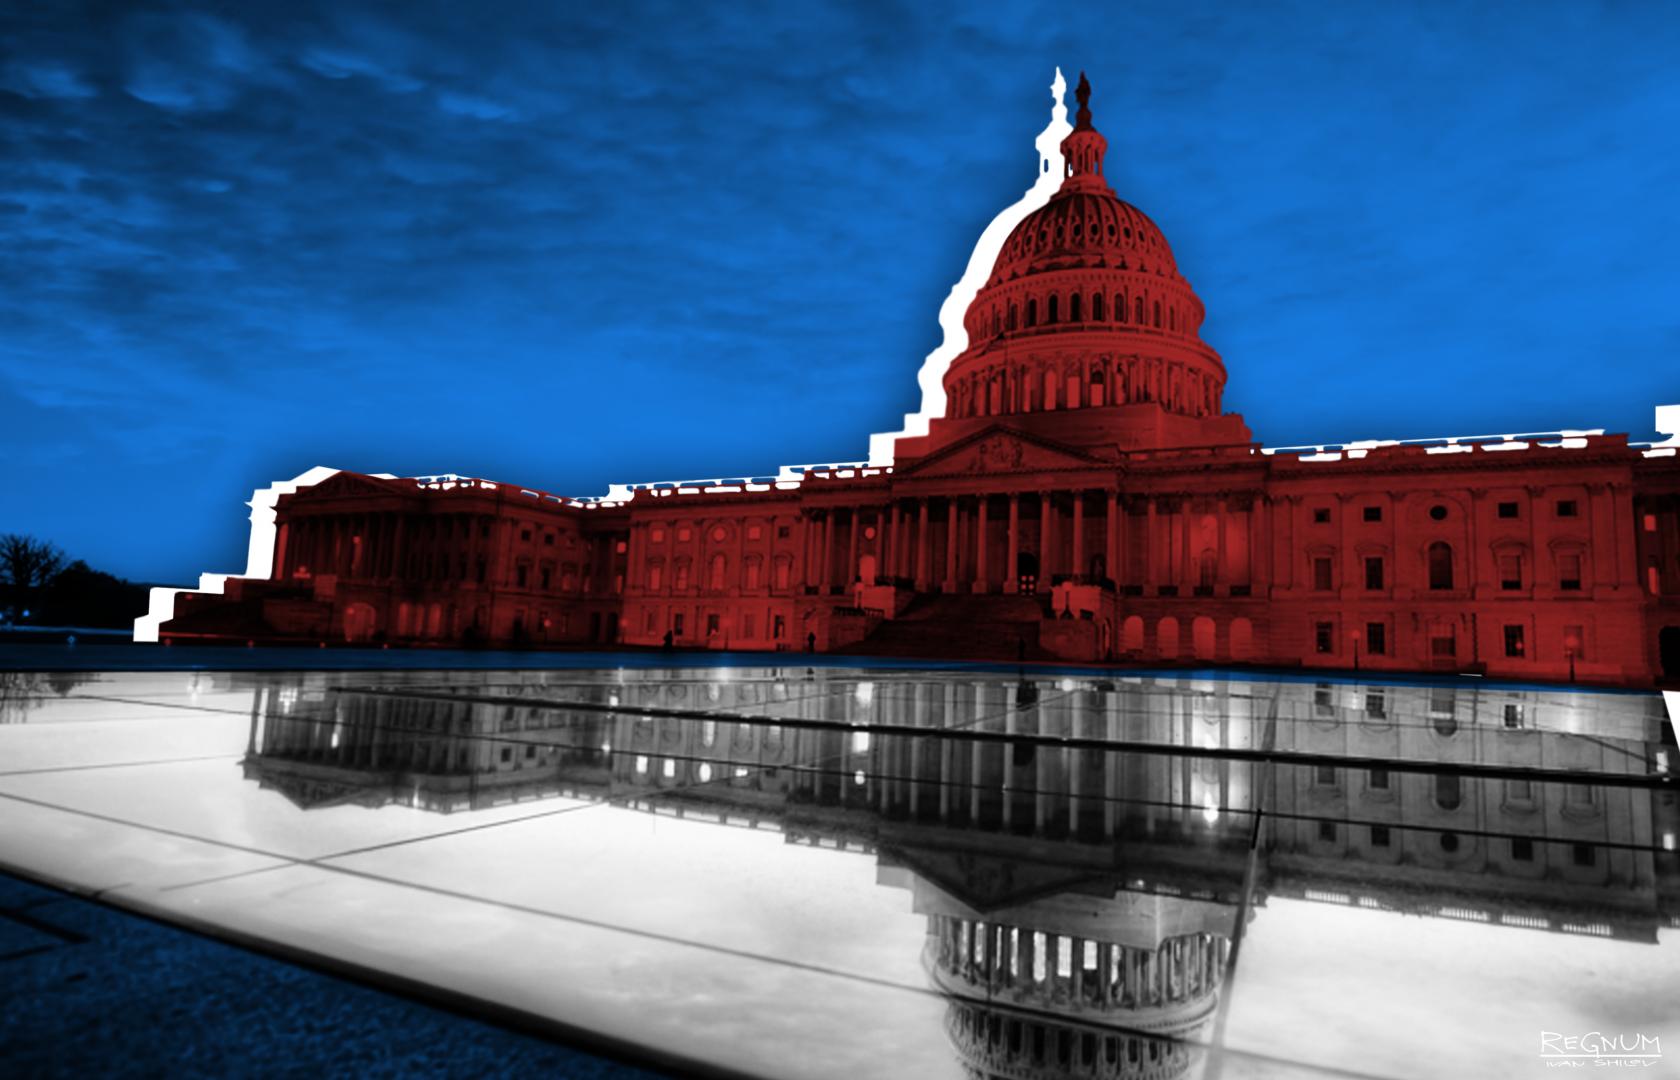 Предательство элиты оскорбило народ и губит США — Times of Israel